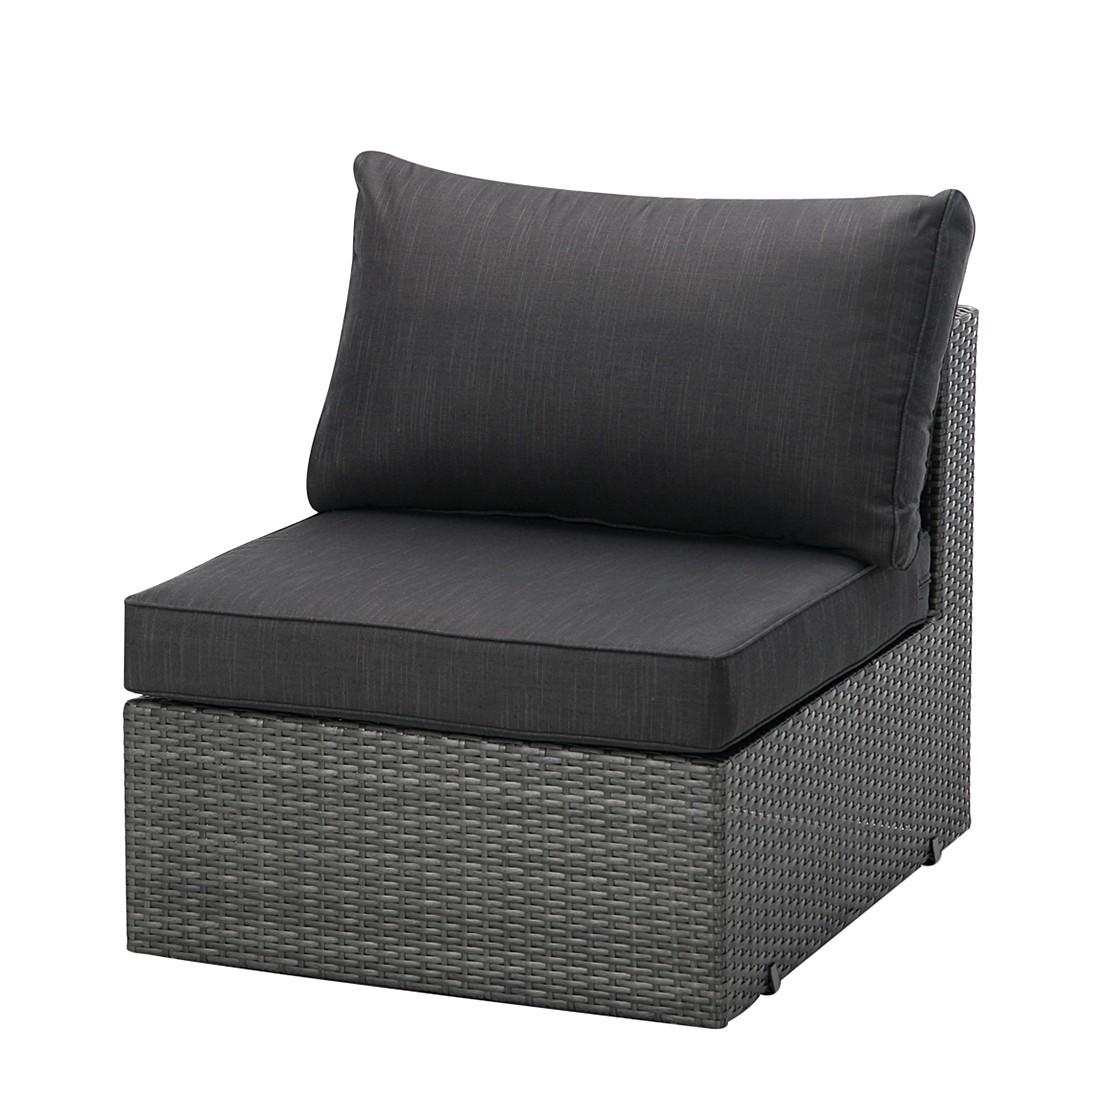 Mittelelement Lounge Aruba (inkl. Sitz- und Rückenpolster) - Aluminium/Kunstfaser-Flachgewebe - Anthrazit/Anthrazit, Best Freizeitmöbel